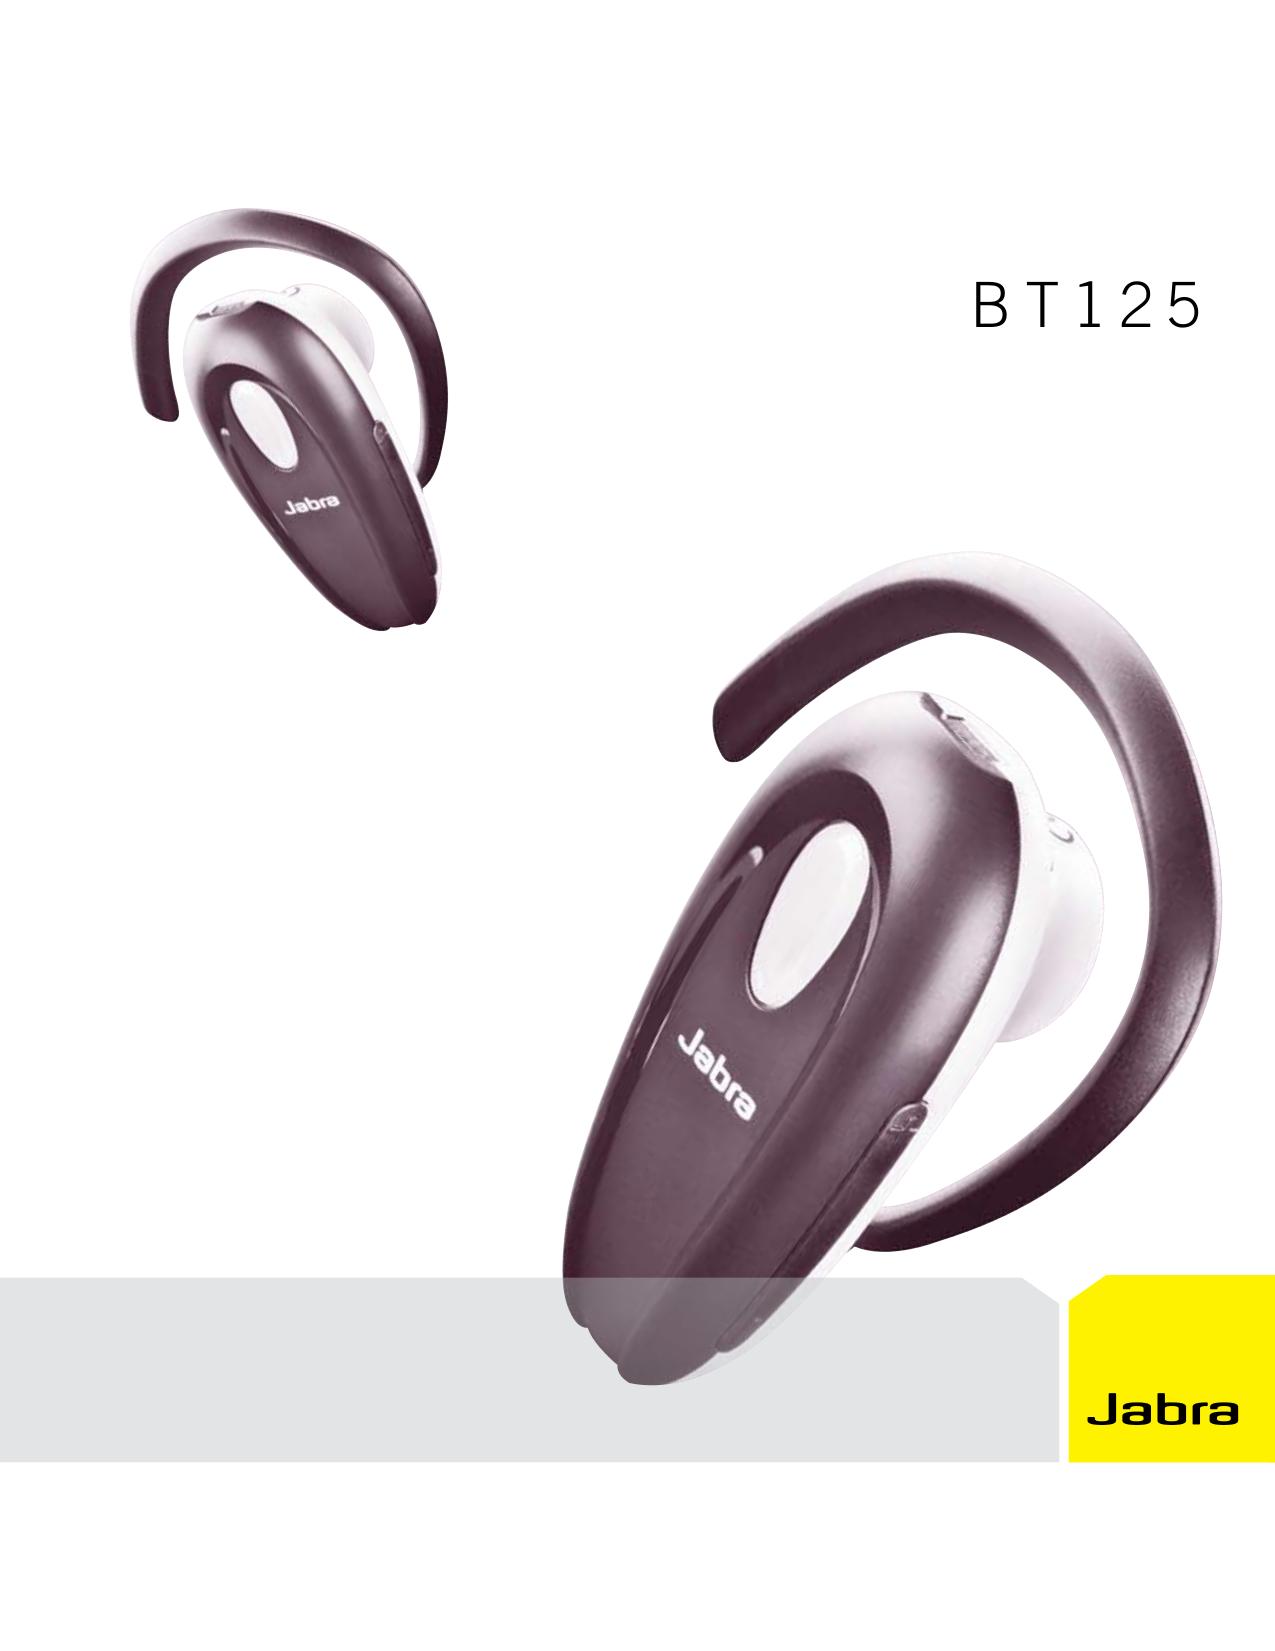 Гарнитура jabra bt 125 инструкция скачать бесплатно